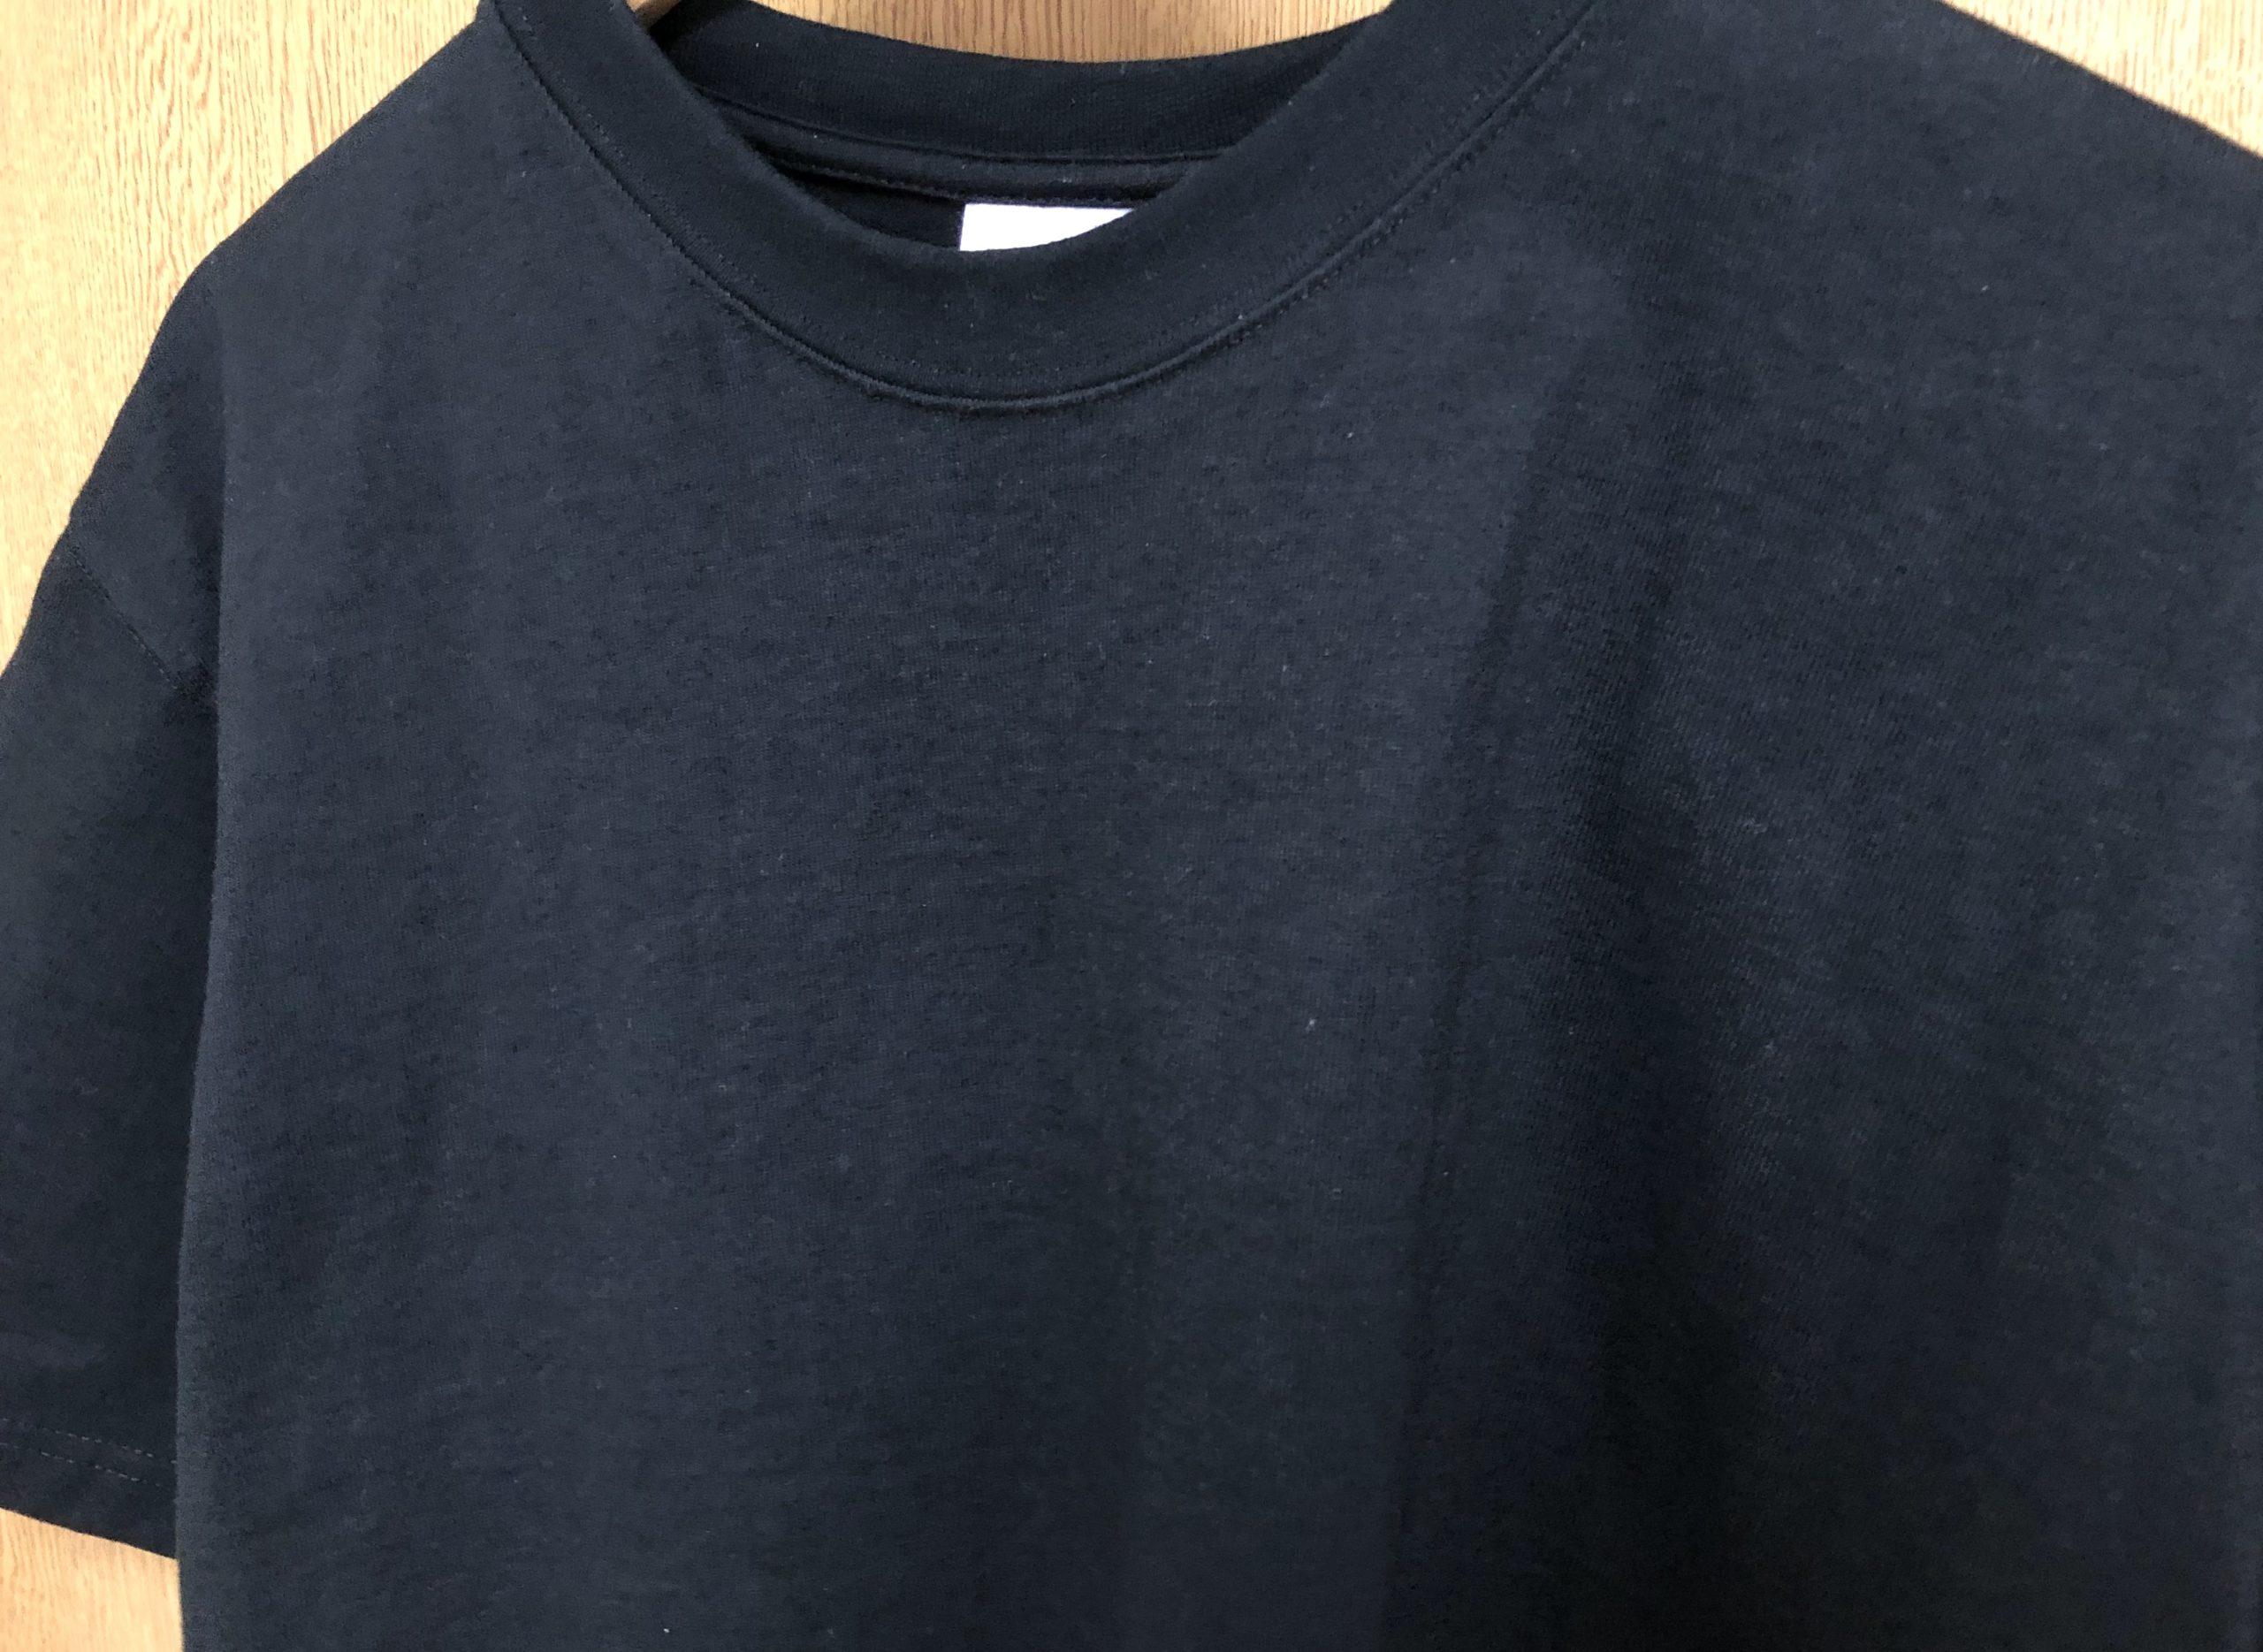 キャンバー・マックスウェイトTシャツのサイズ選びのコツ【縮みによるサイズ感の変化を考慮】